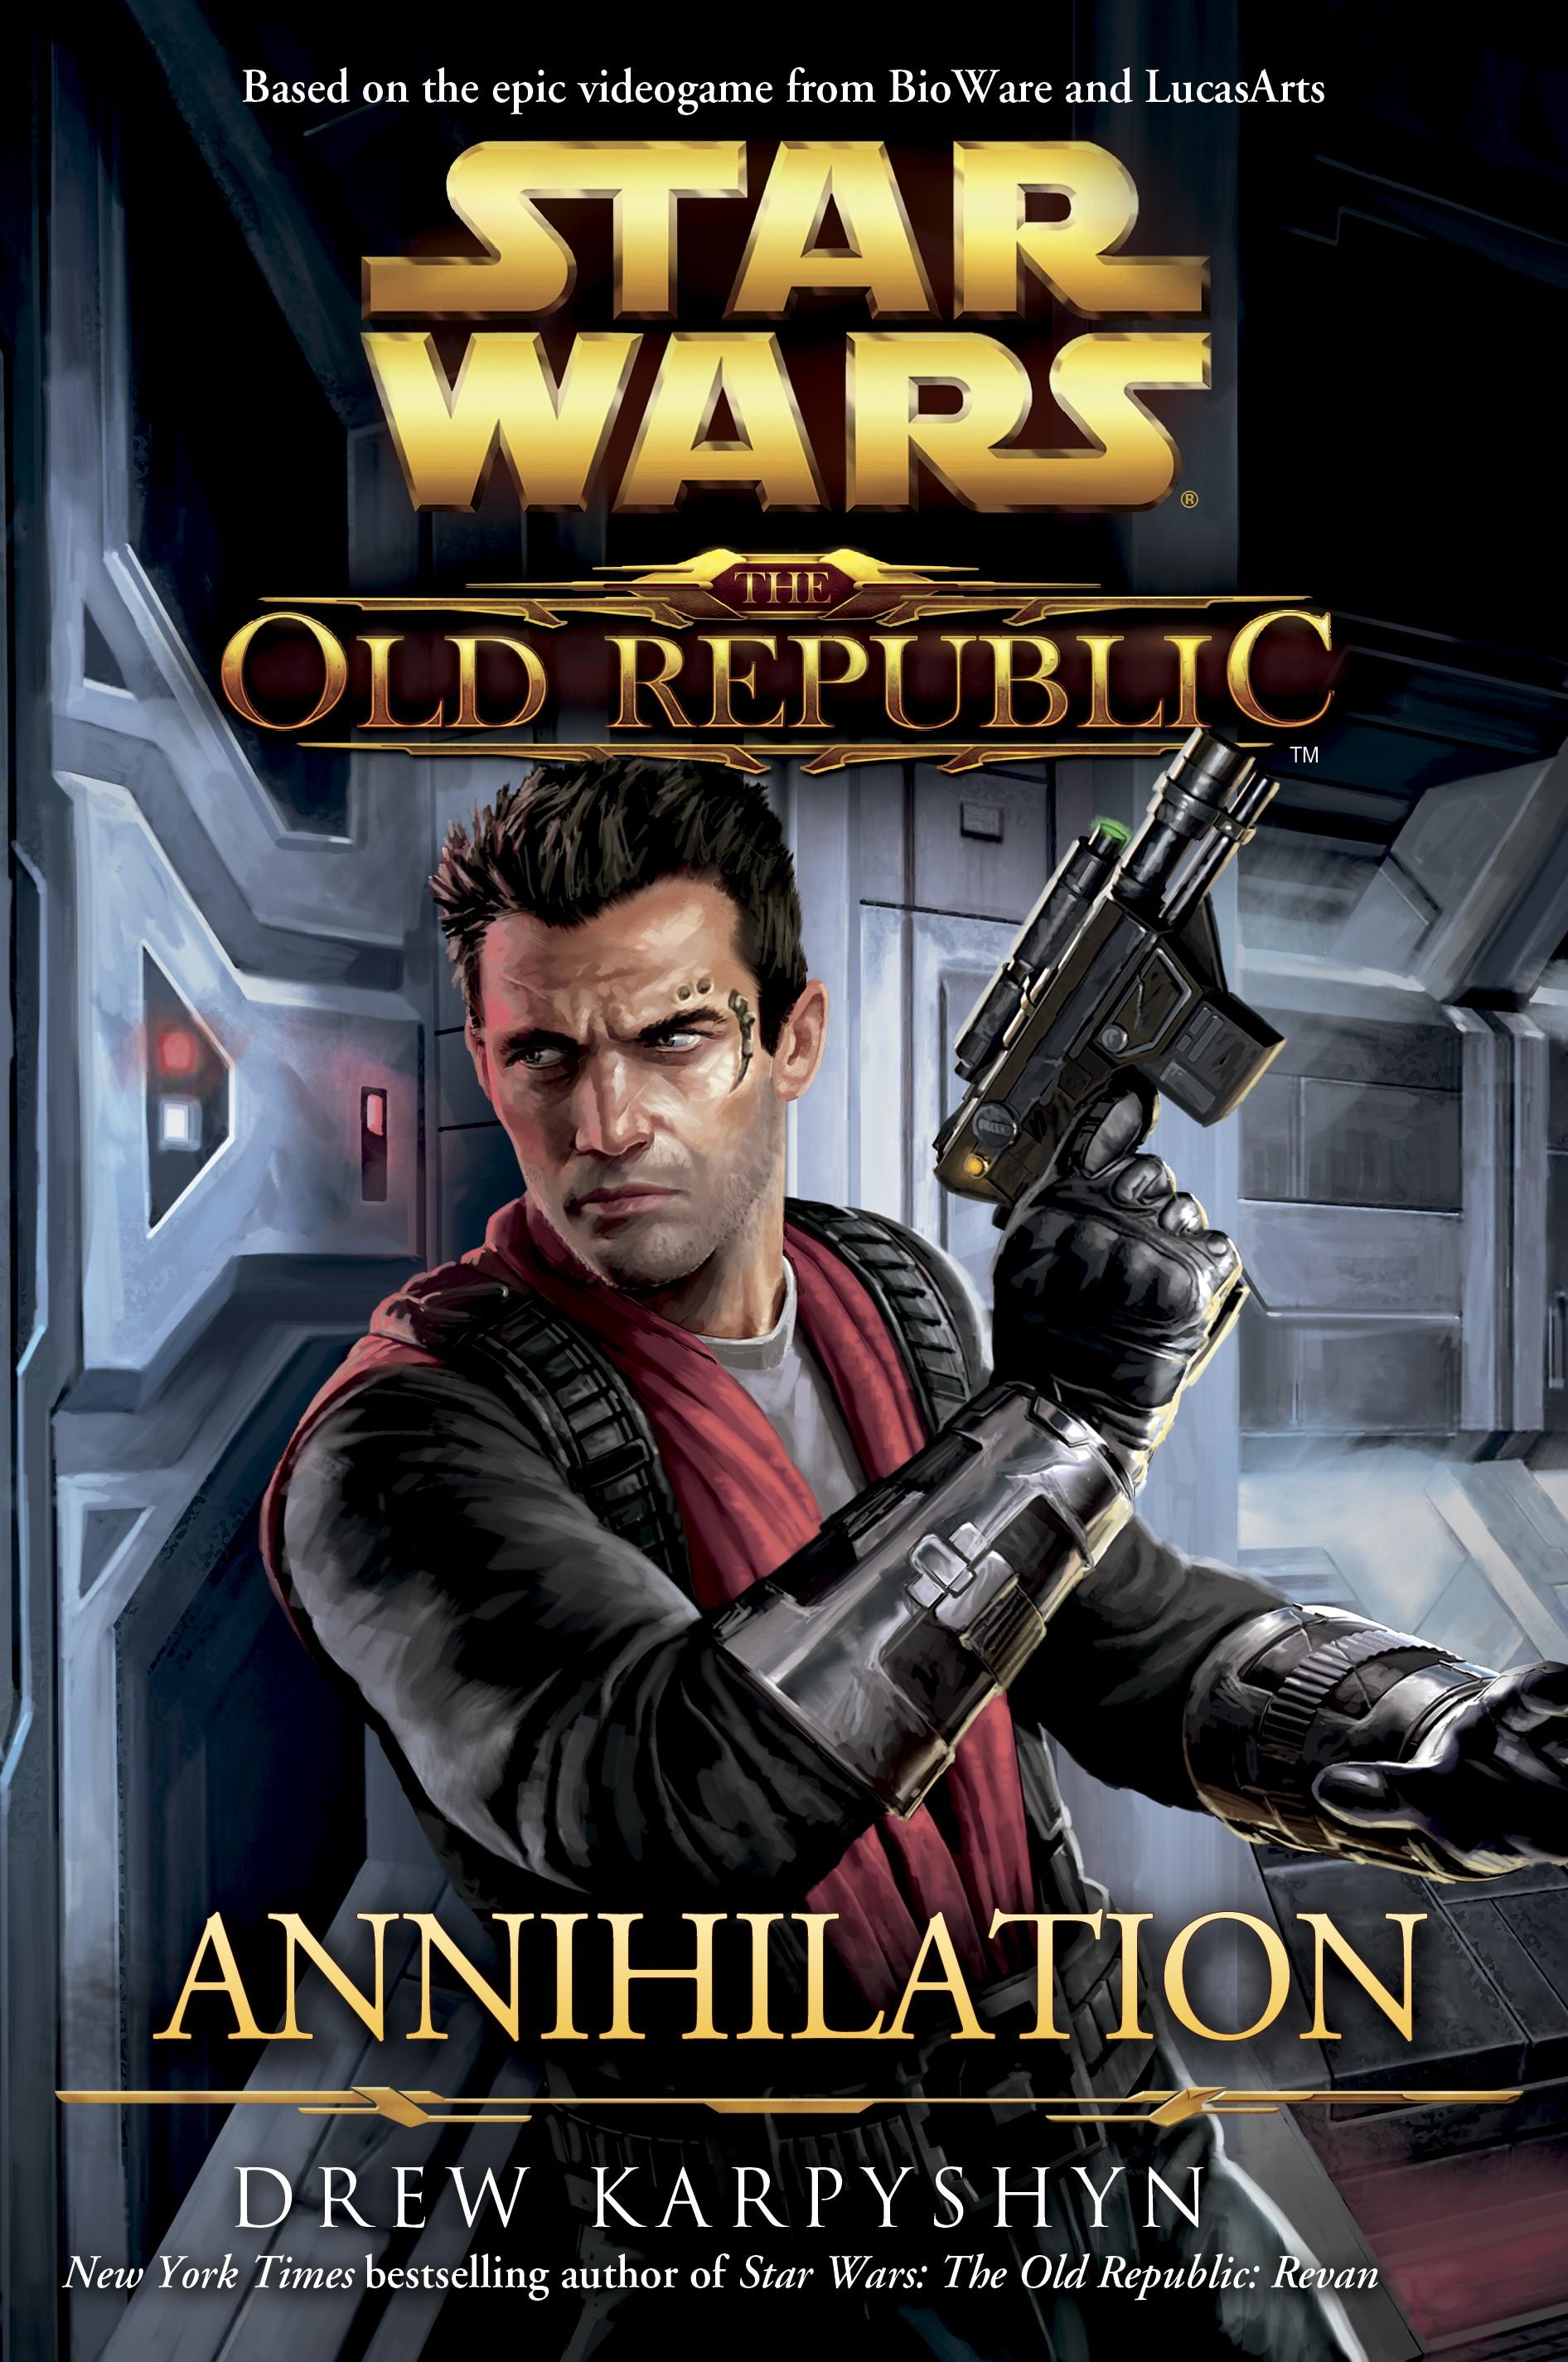 Star wars fb2 скачать